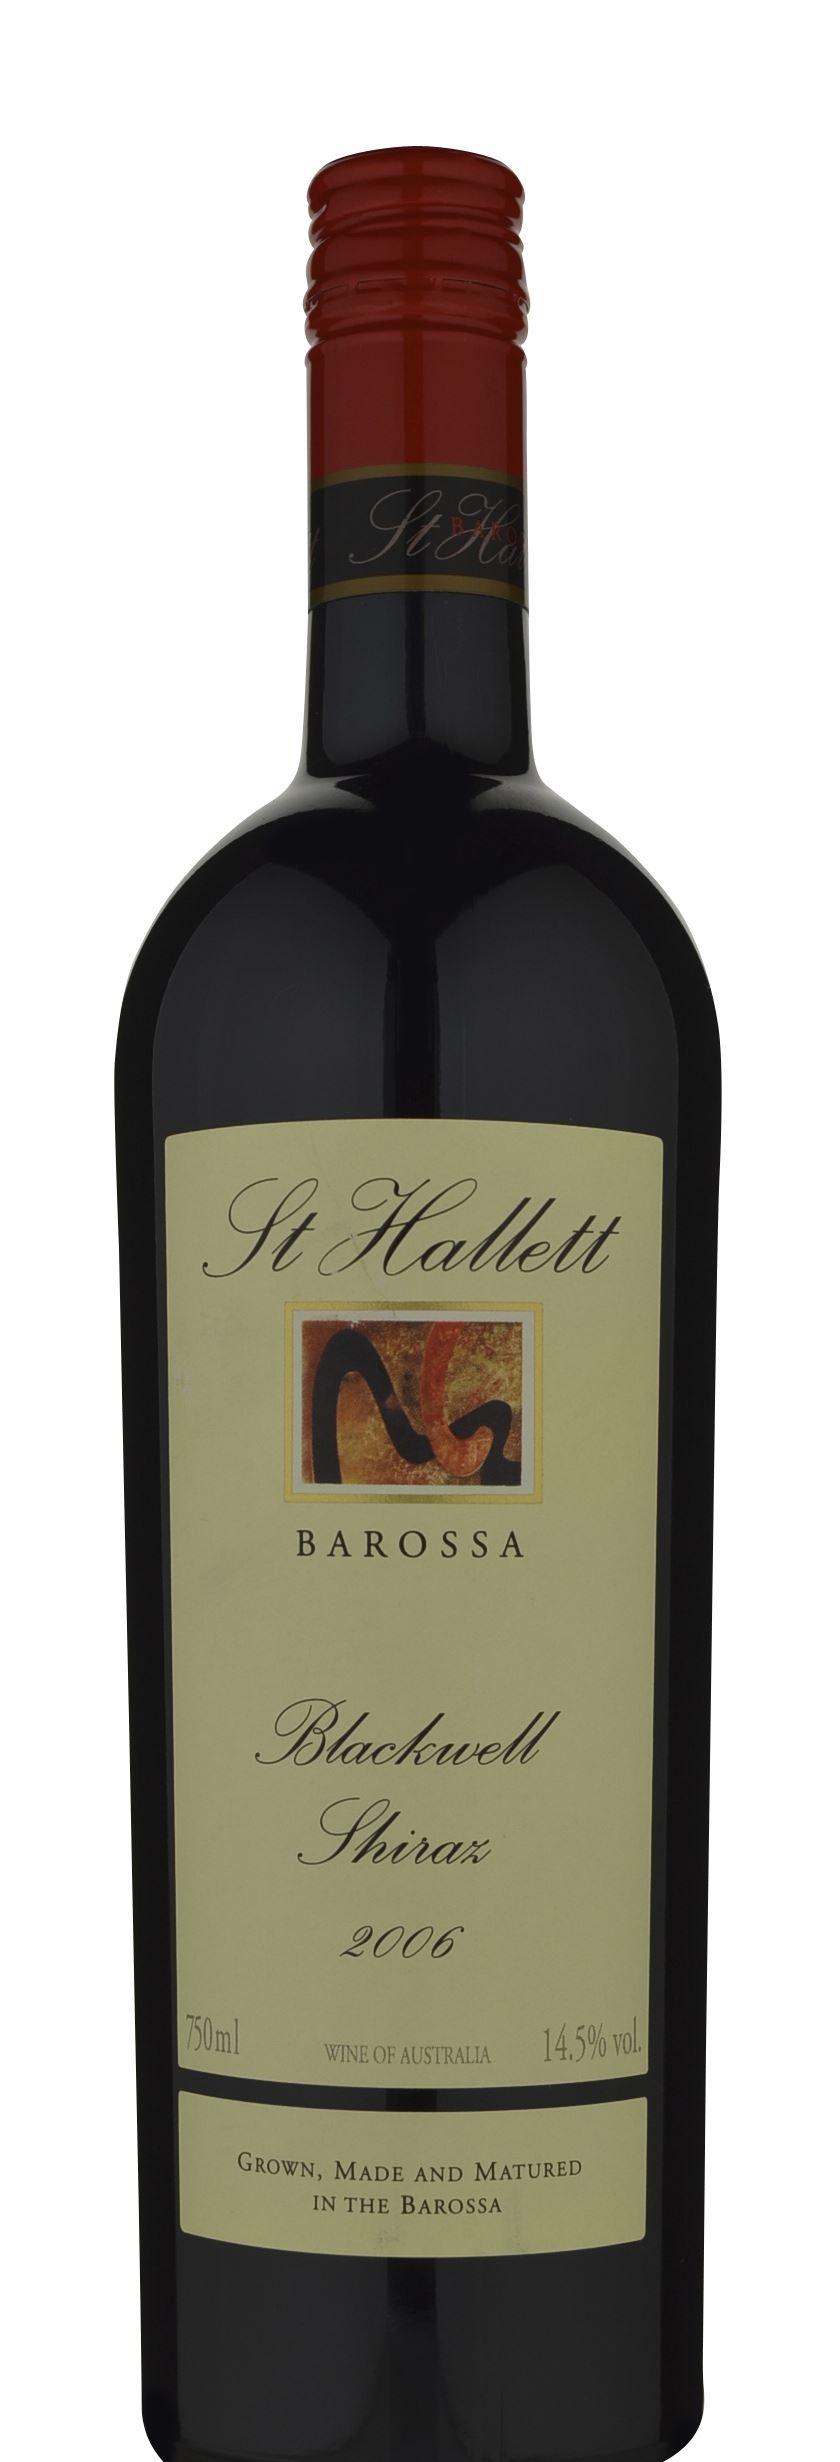 St hallett single vineyard